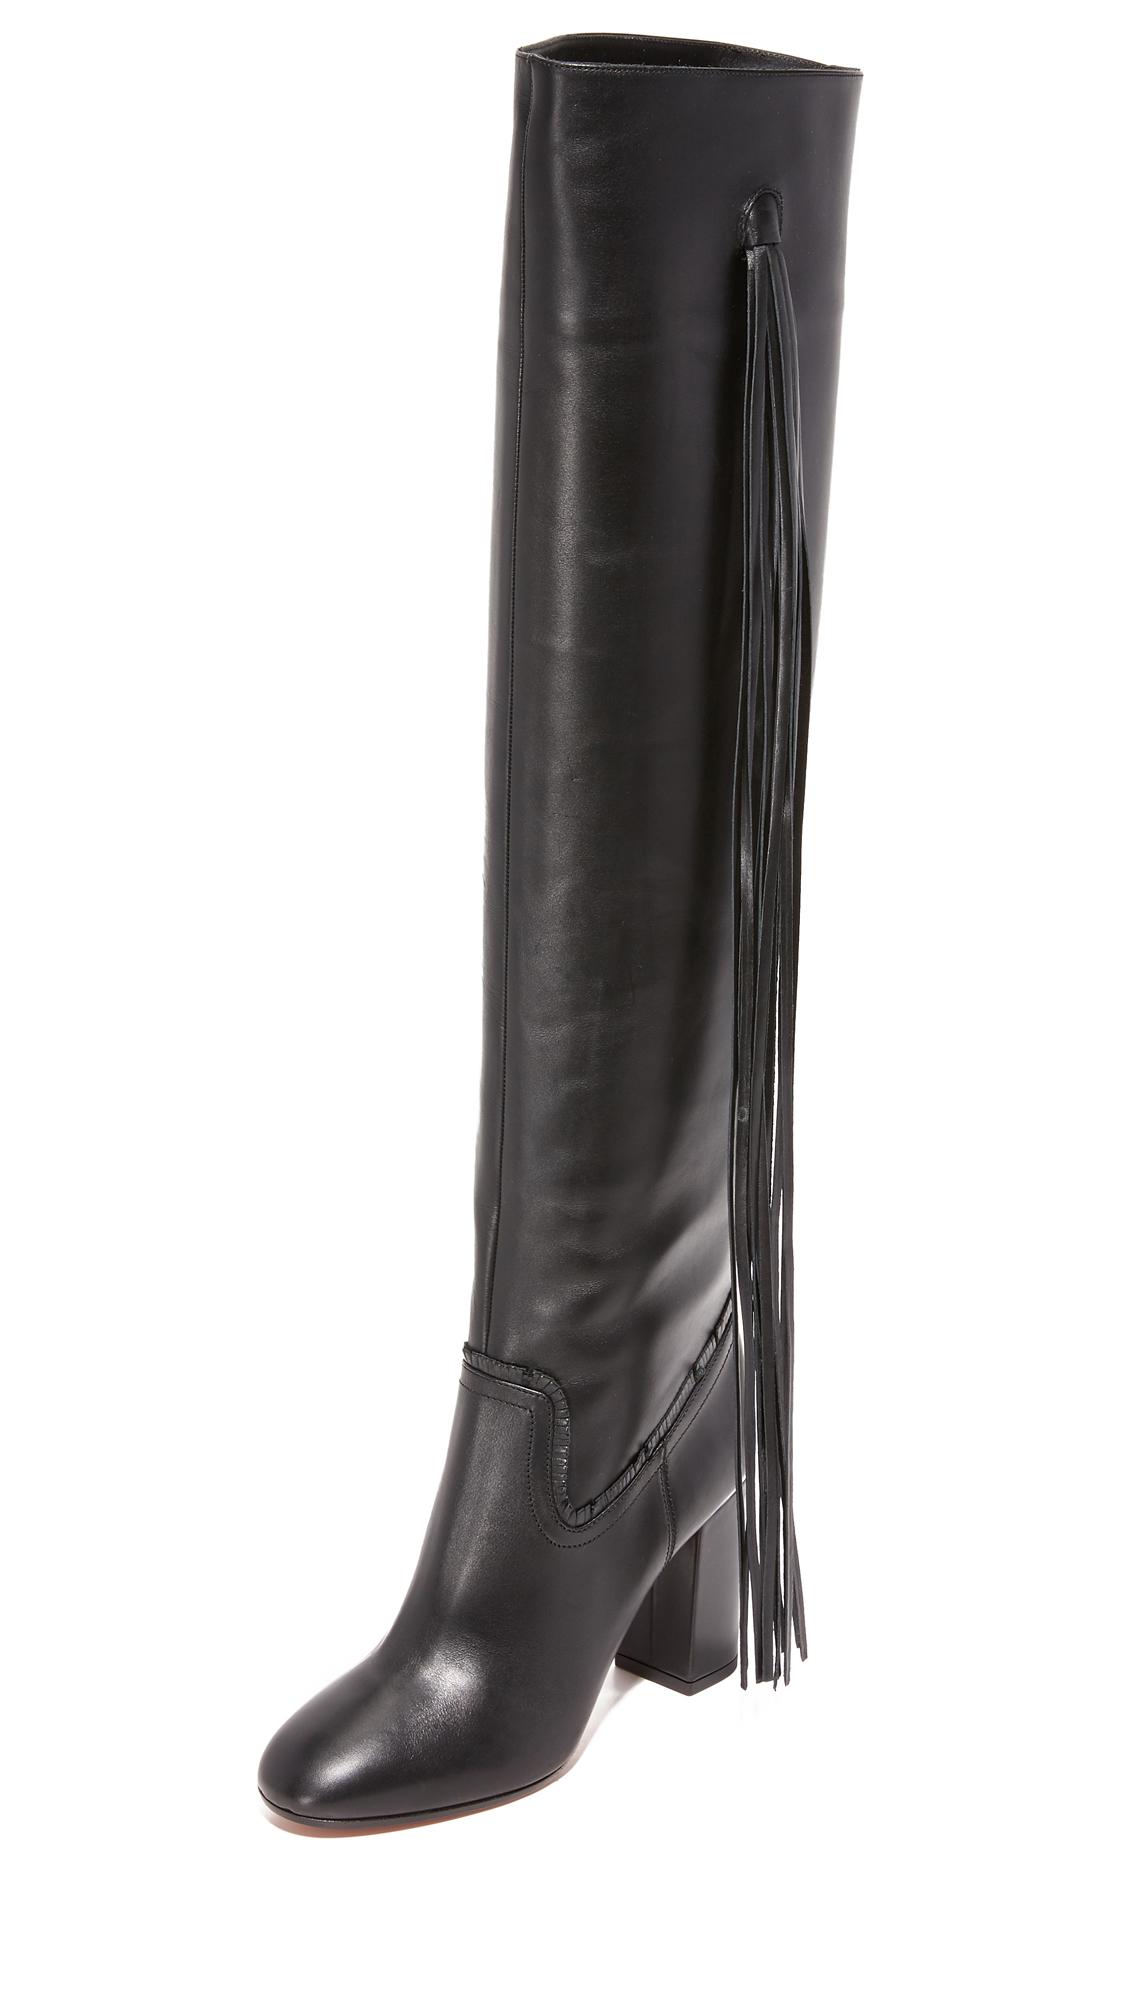 Aquazzura Whip It Boots - Black at Shopbop